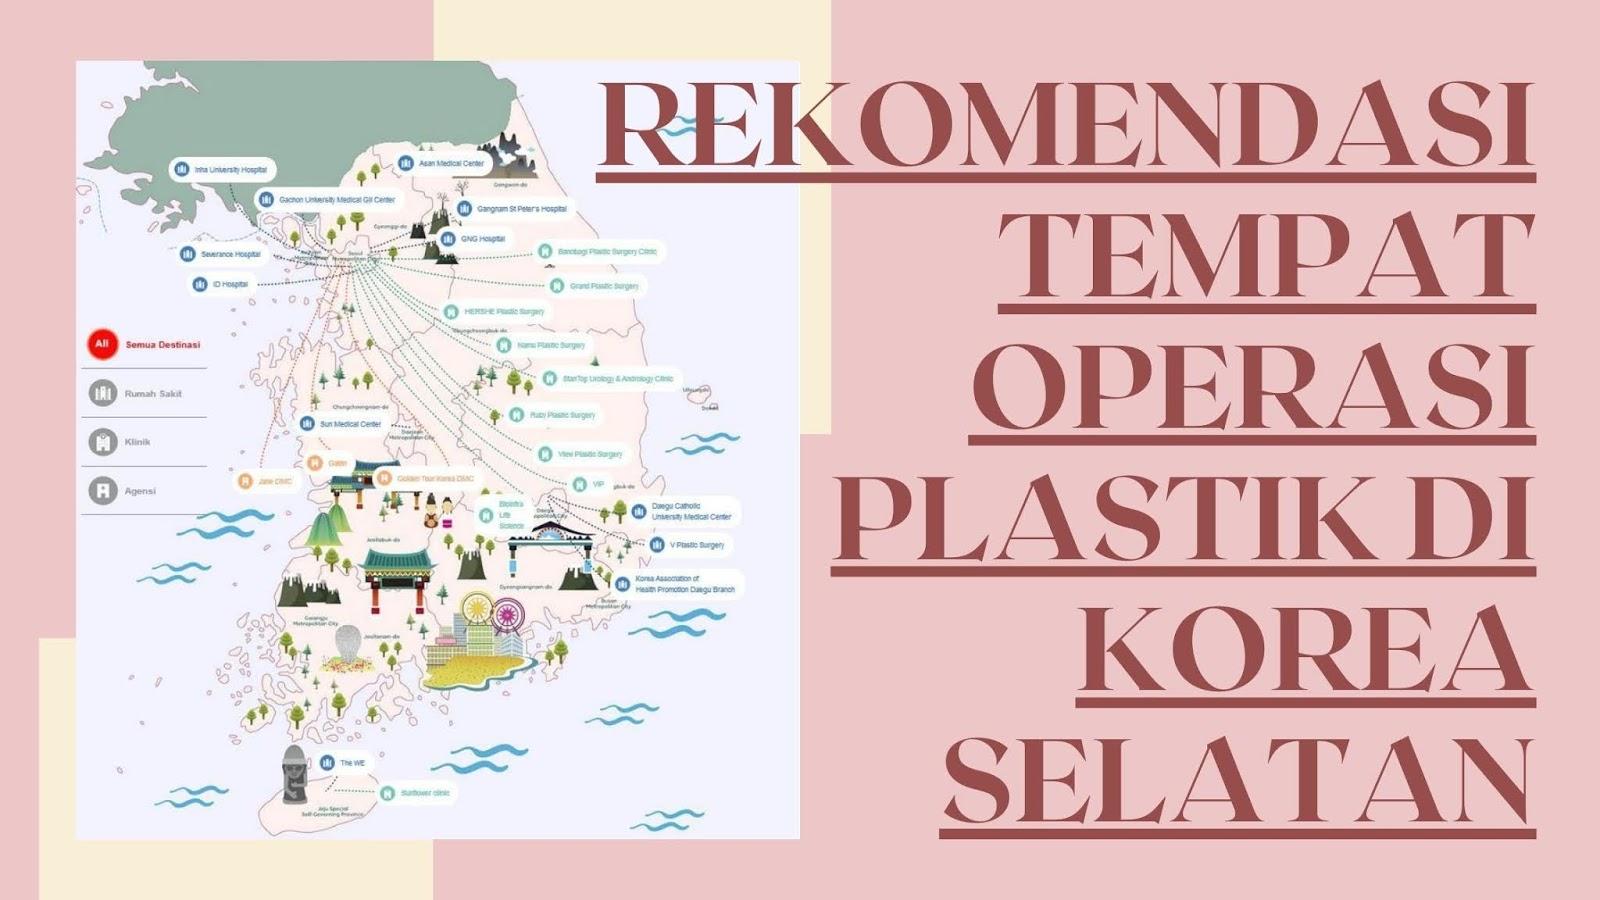 rekomendasi tempat operasi plastik di korea selatan